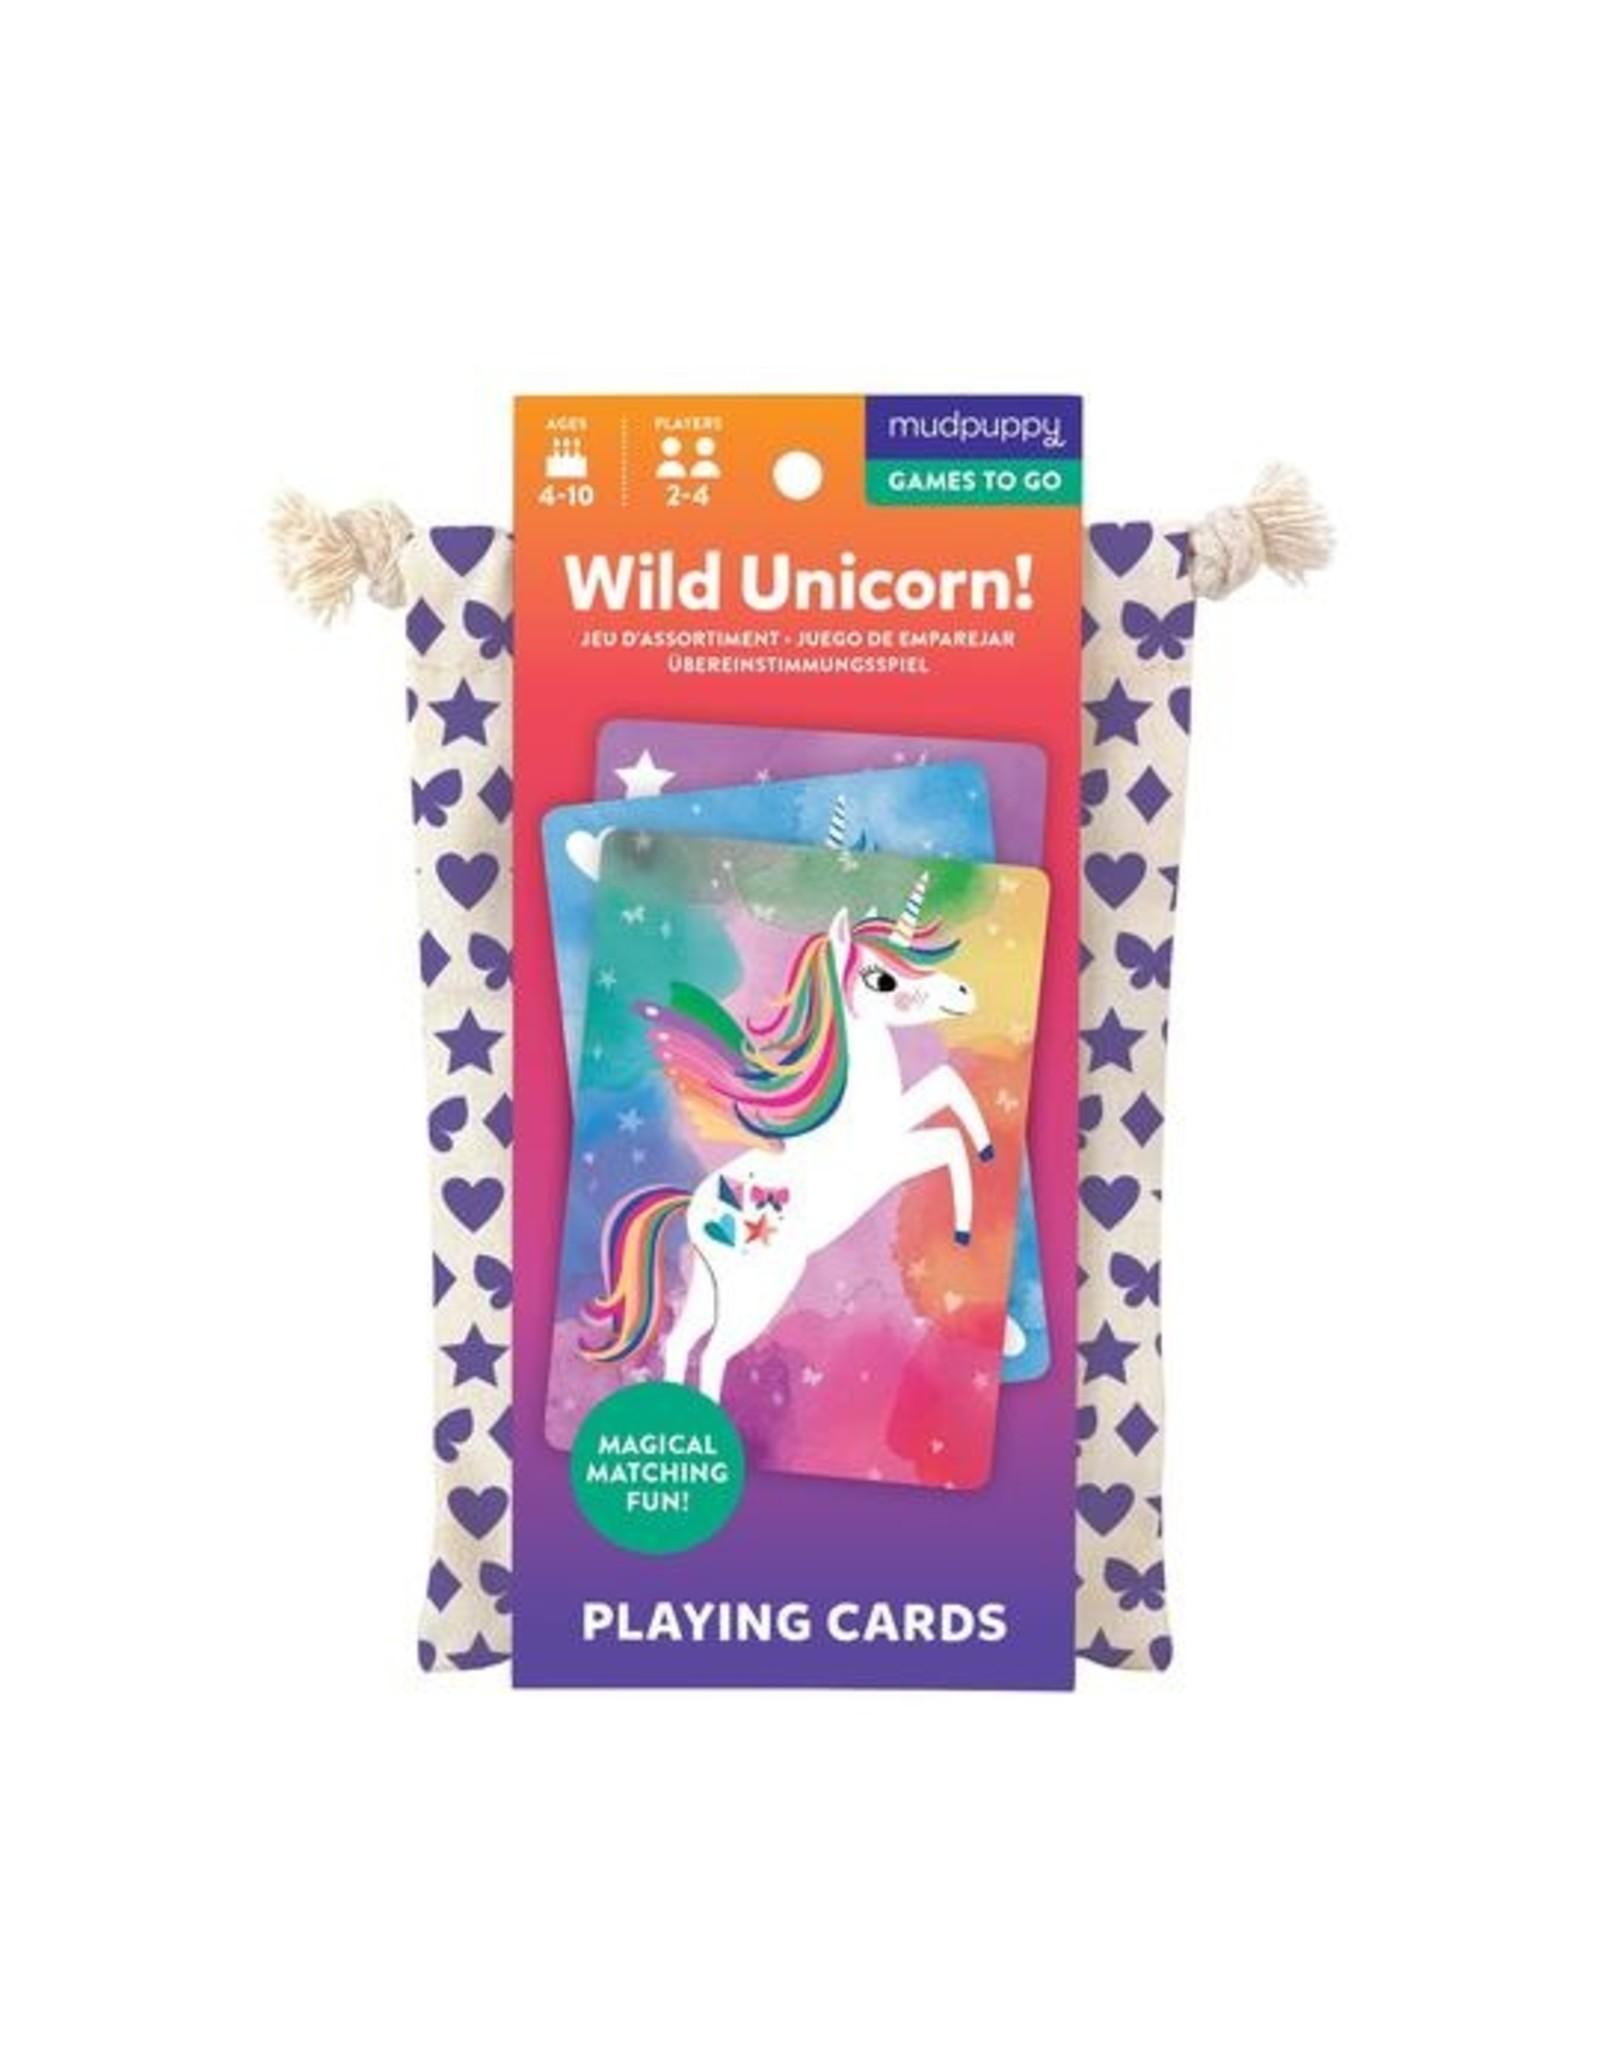 Mudpuppy Kids Card Games To Go